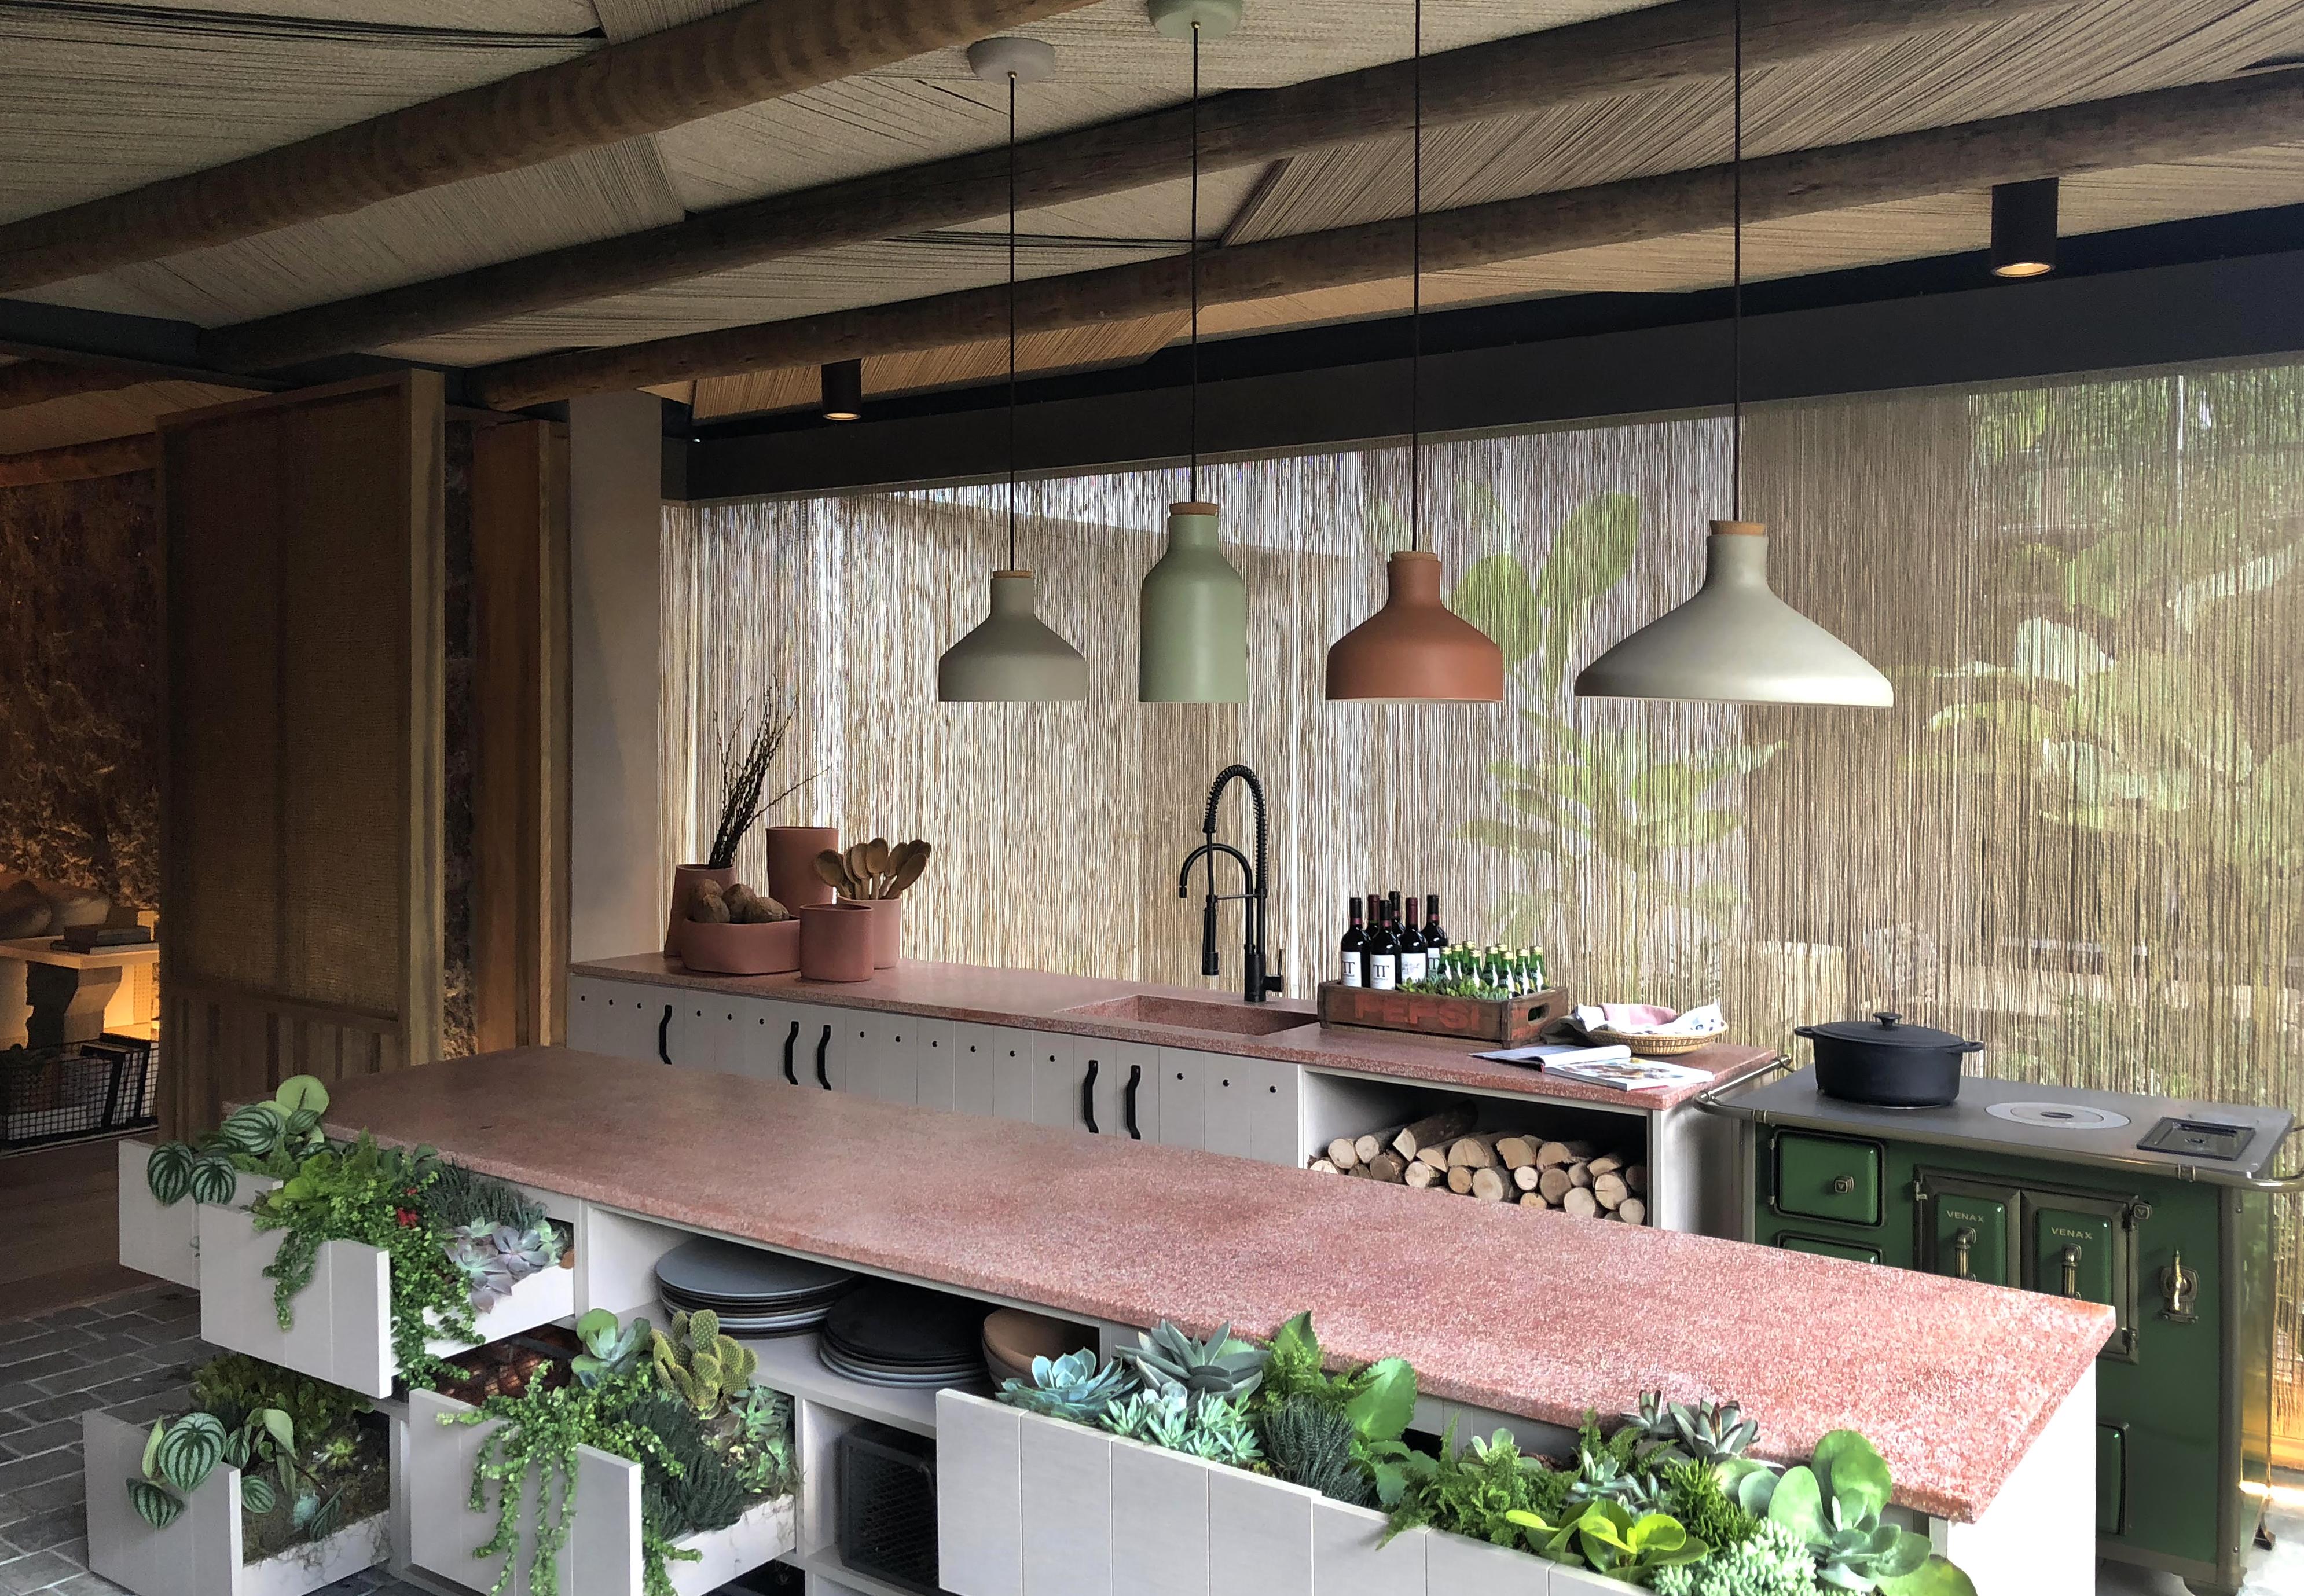 triplex arquitetura cozinha casa raízes granilite bancada rosa rosé decoração ambiente casacor sao paulo 2018